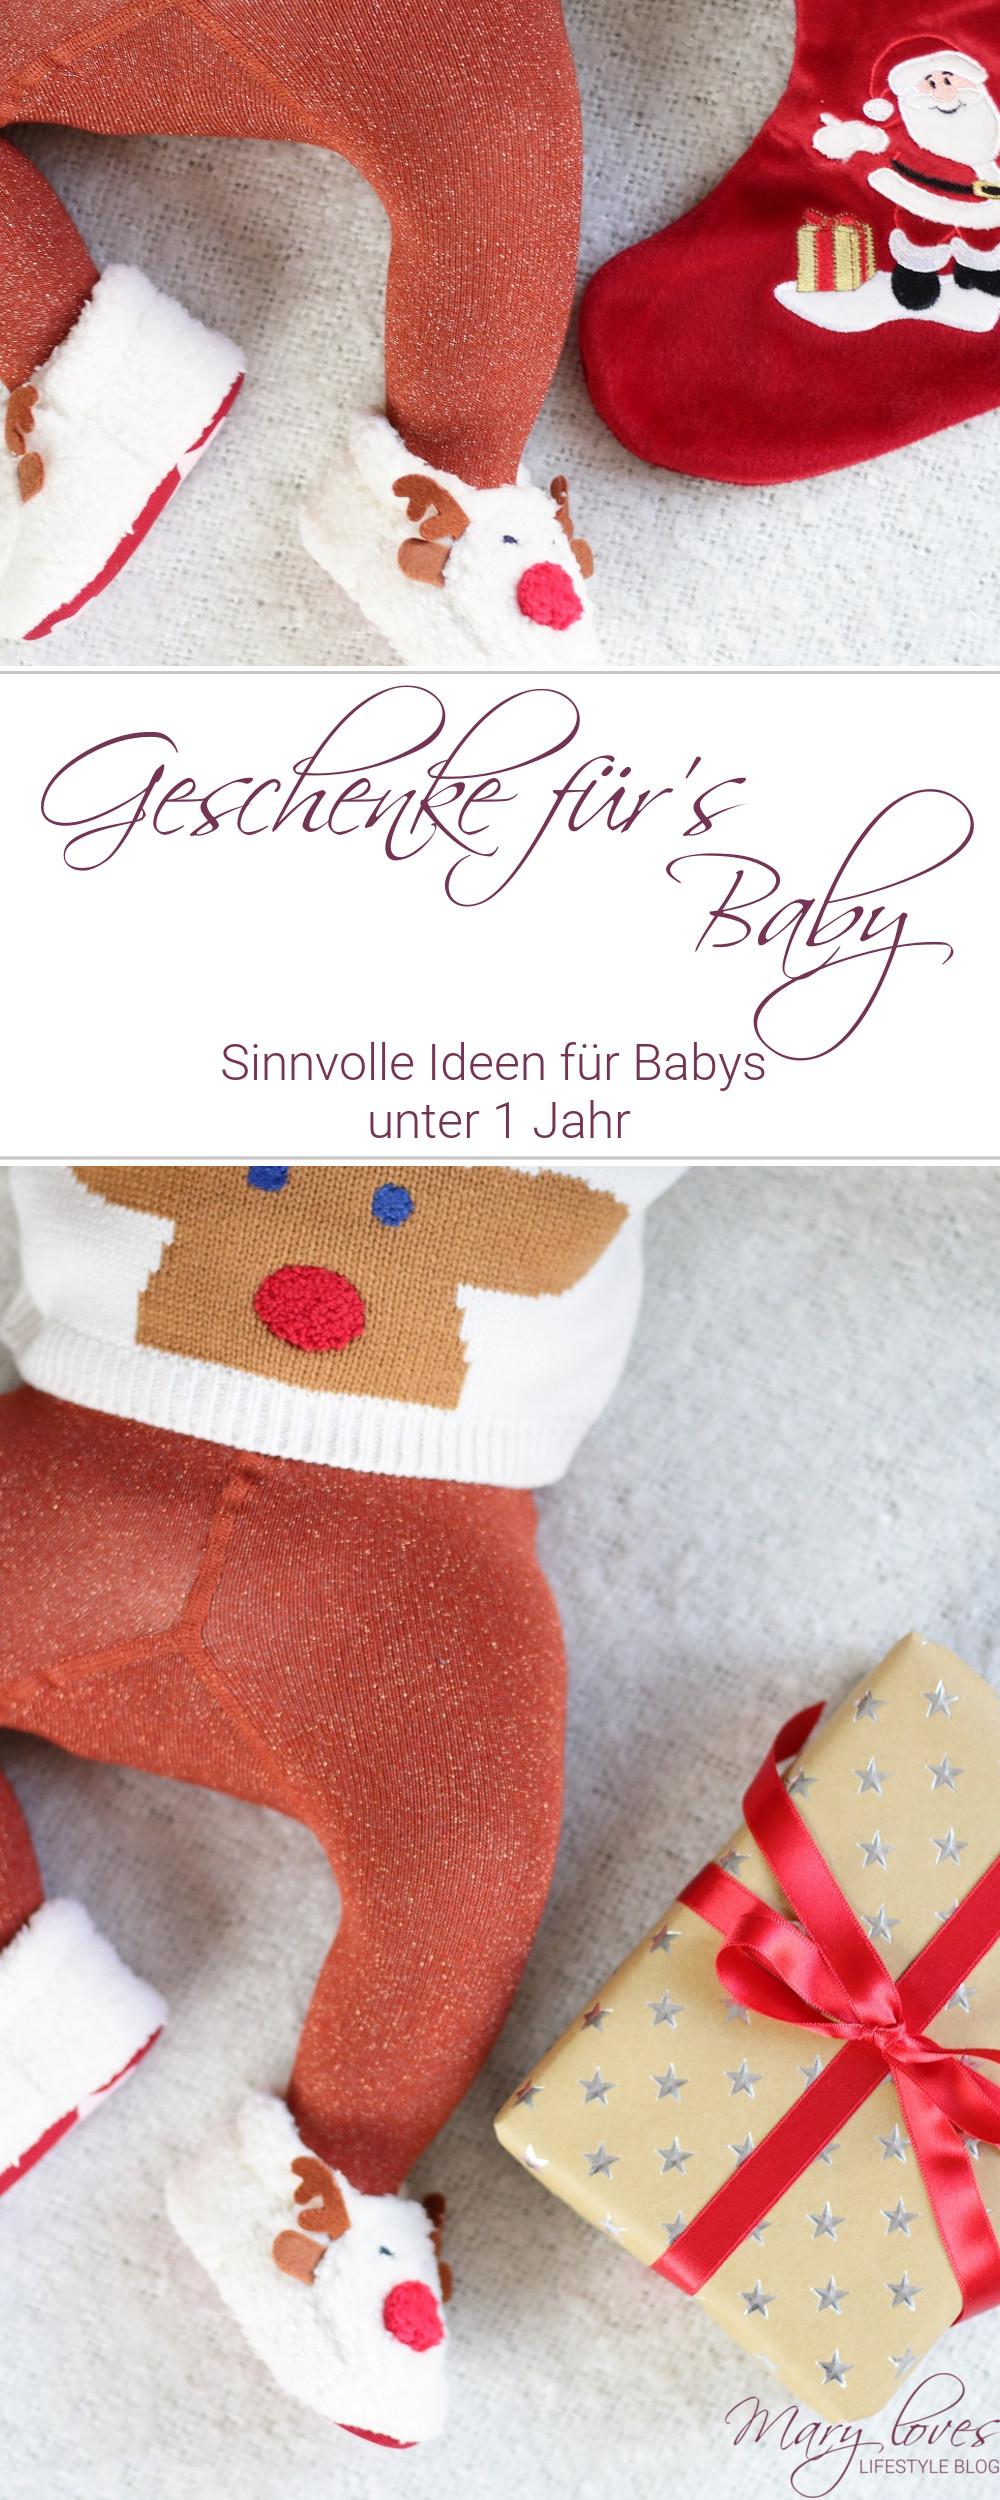 [Werbung unbeauftragt] Sinnvolle Geschenkideen für Babys unter 1 Jahr - #baby #babygeschenk #geschenkidee #geschenkfürsbaby #geschenke #weihnachtsgeschenke #babygeschenkideen